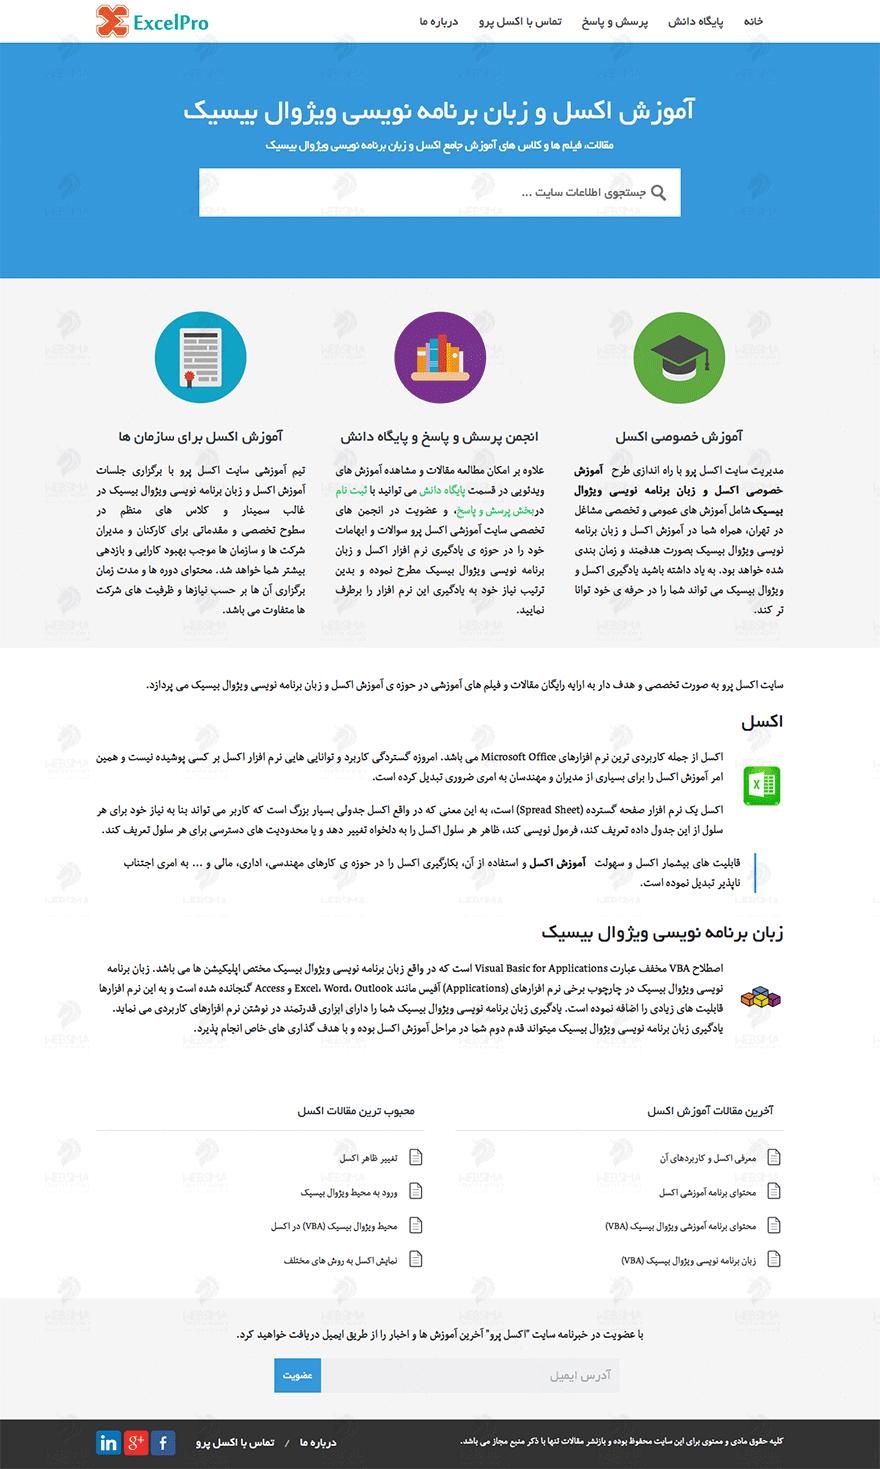 طراحی سایت آموزشی برای اکسل